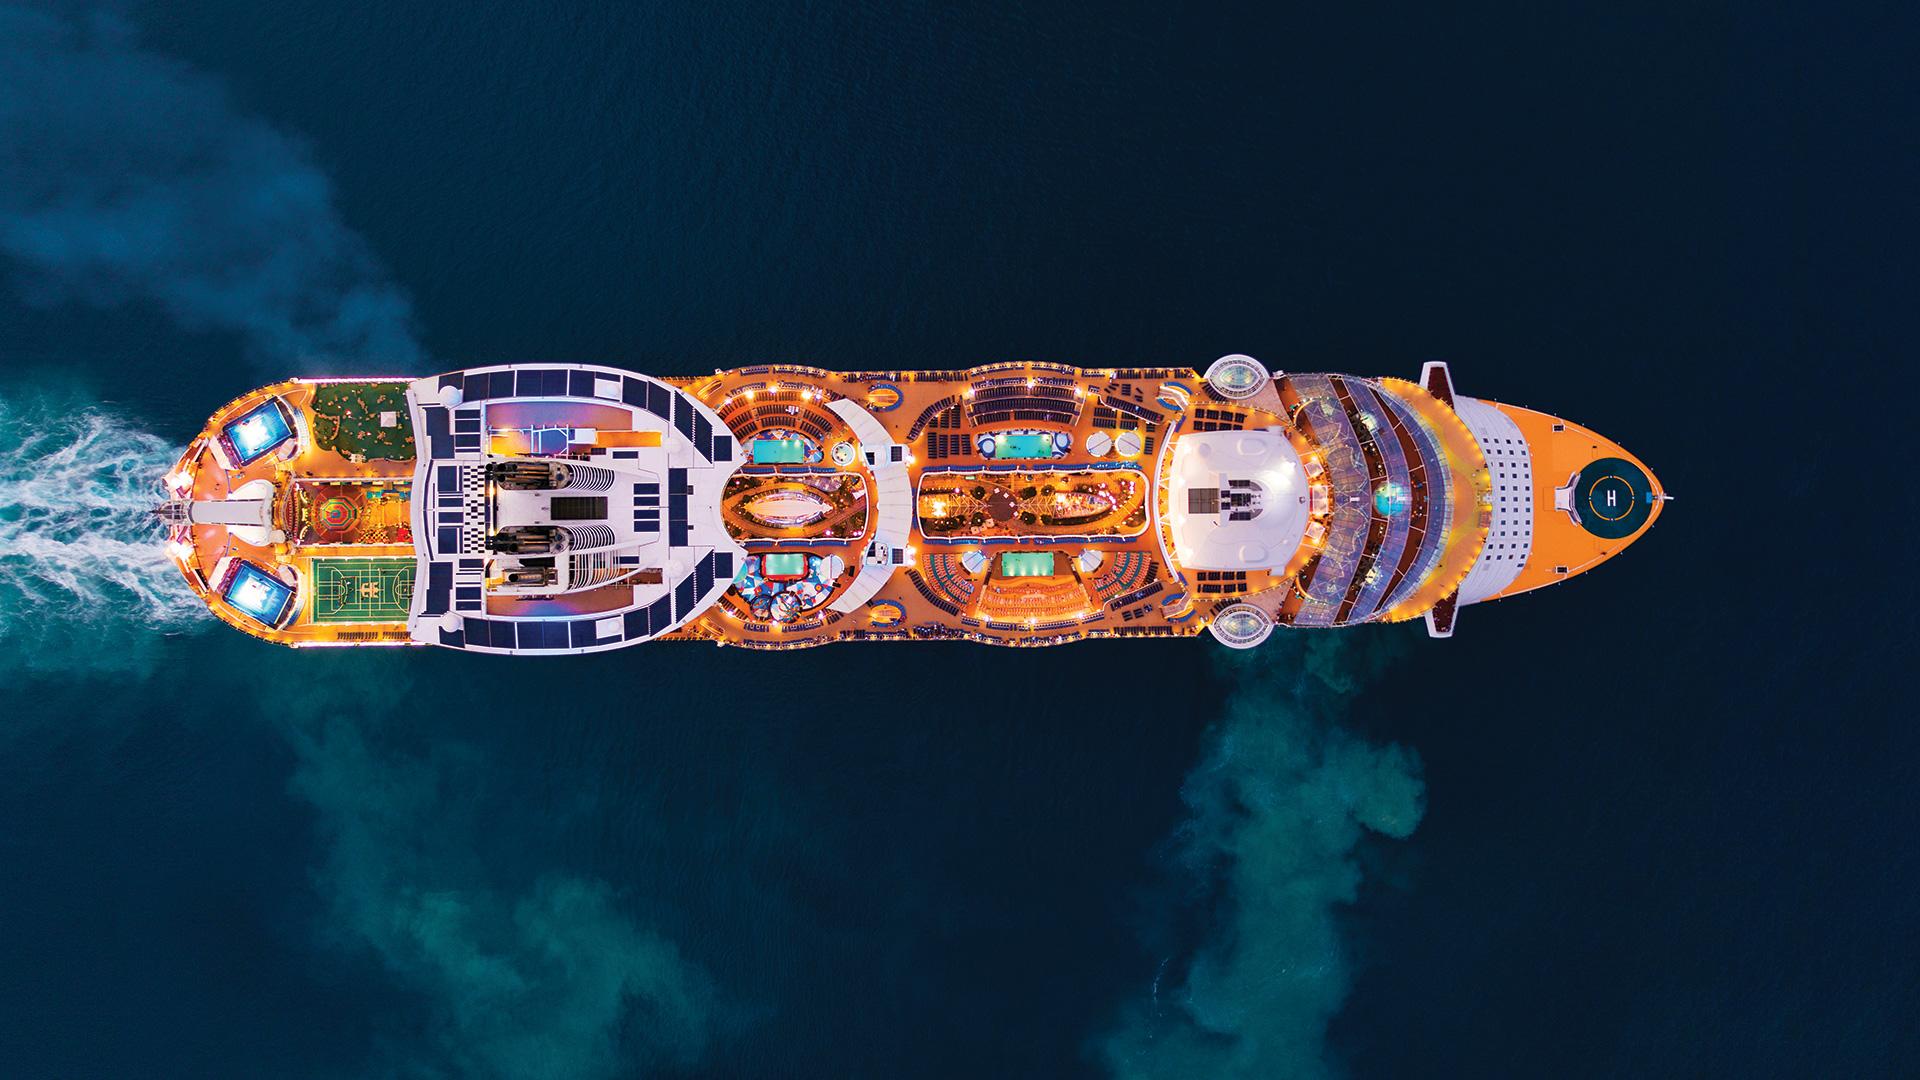 Familjevänlig kryssningmed Allure of the Seas - Gör dig redo för karibisk stil och ett oförglömligt kryssningsäventyr. Nästan varje dag får du förmånen att uppleva en ny karibisk ö och det väntar dessutom garanterad spänning med stora äventyr i varje hamn. Massor av aktiviteter ombord för hela familjen.